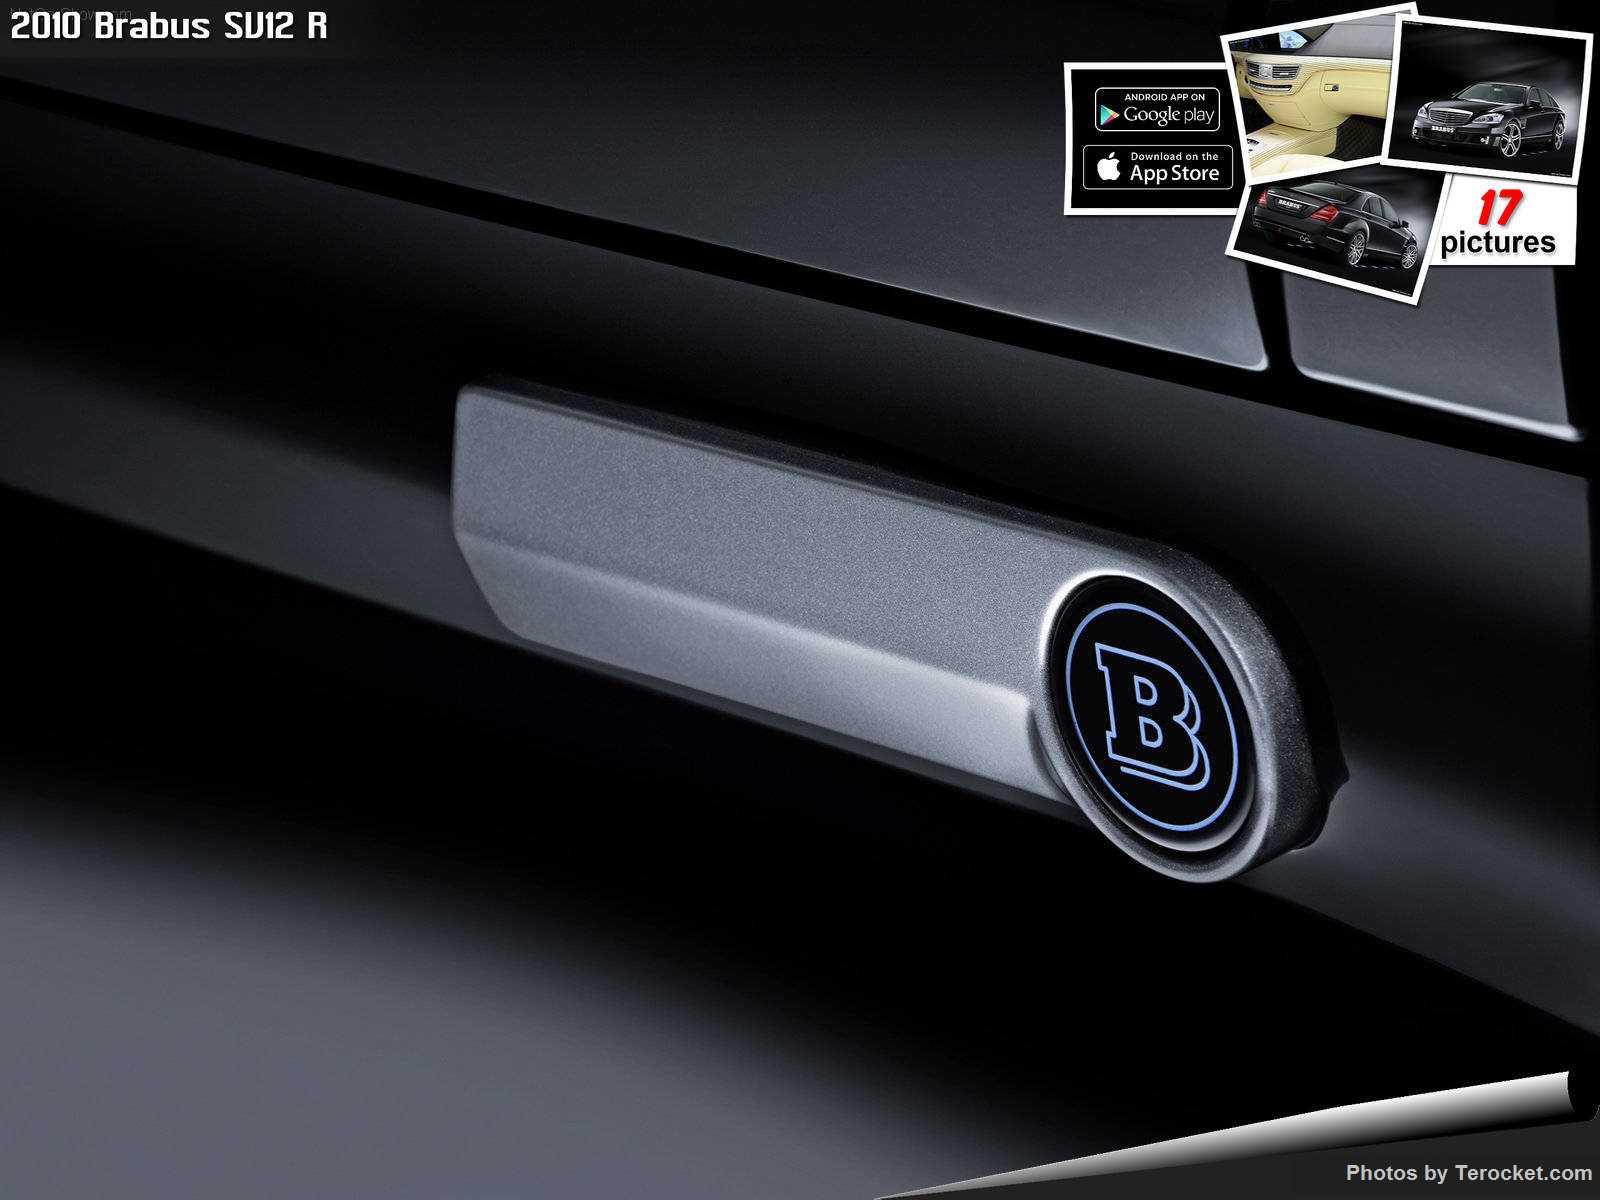 Hình ảnh xe ô tô Brabus SV12 R 2010 & nội ngoại thất